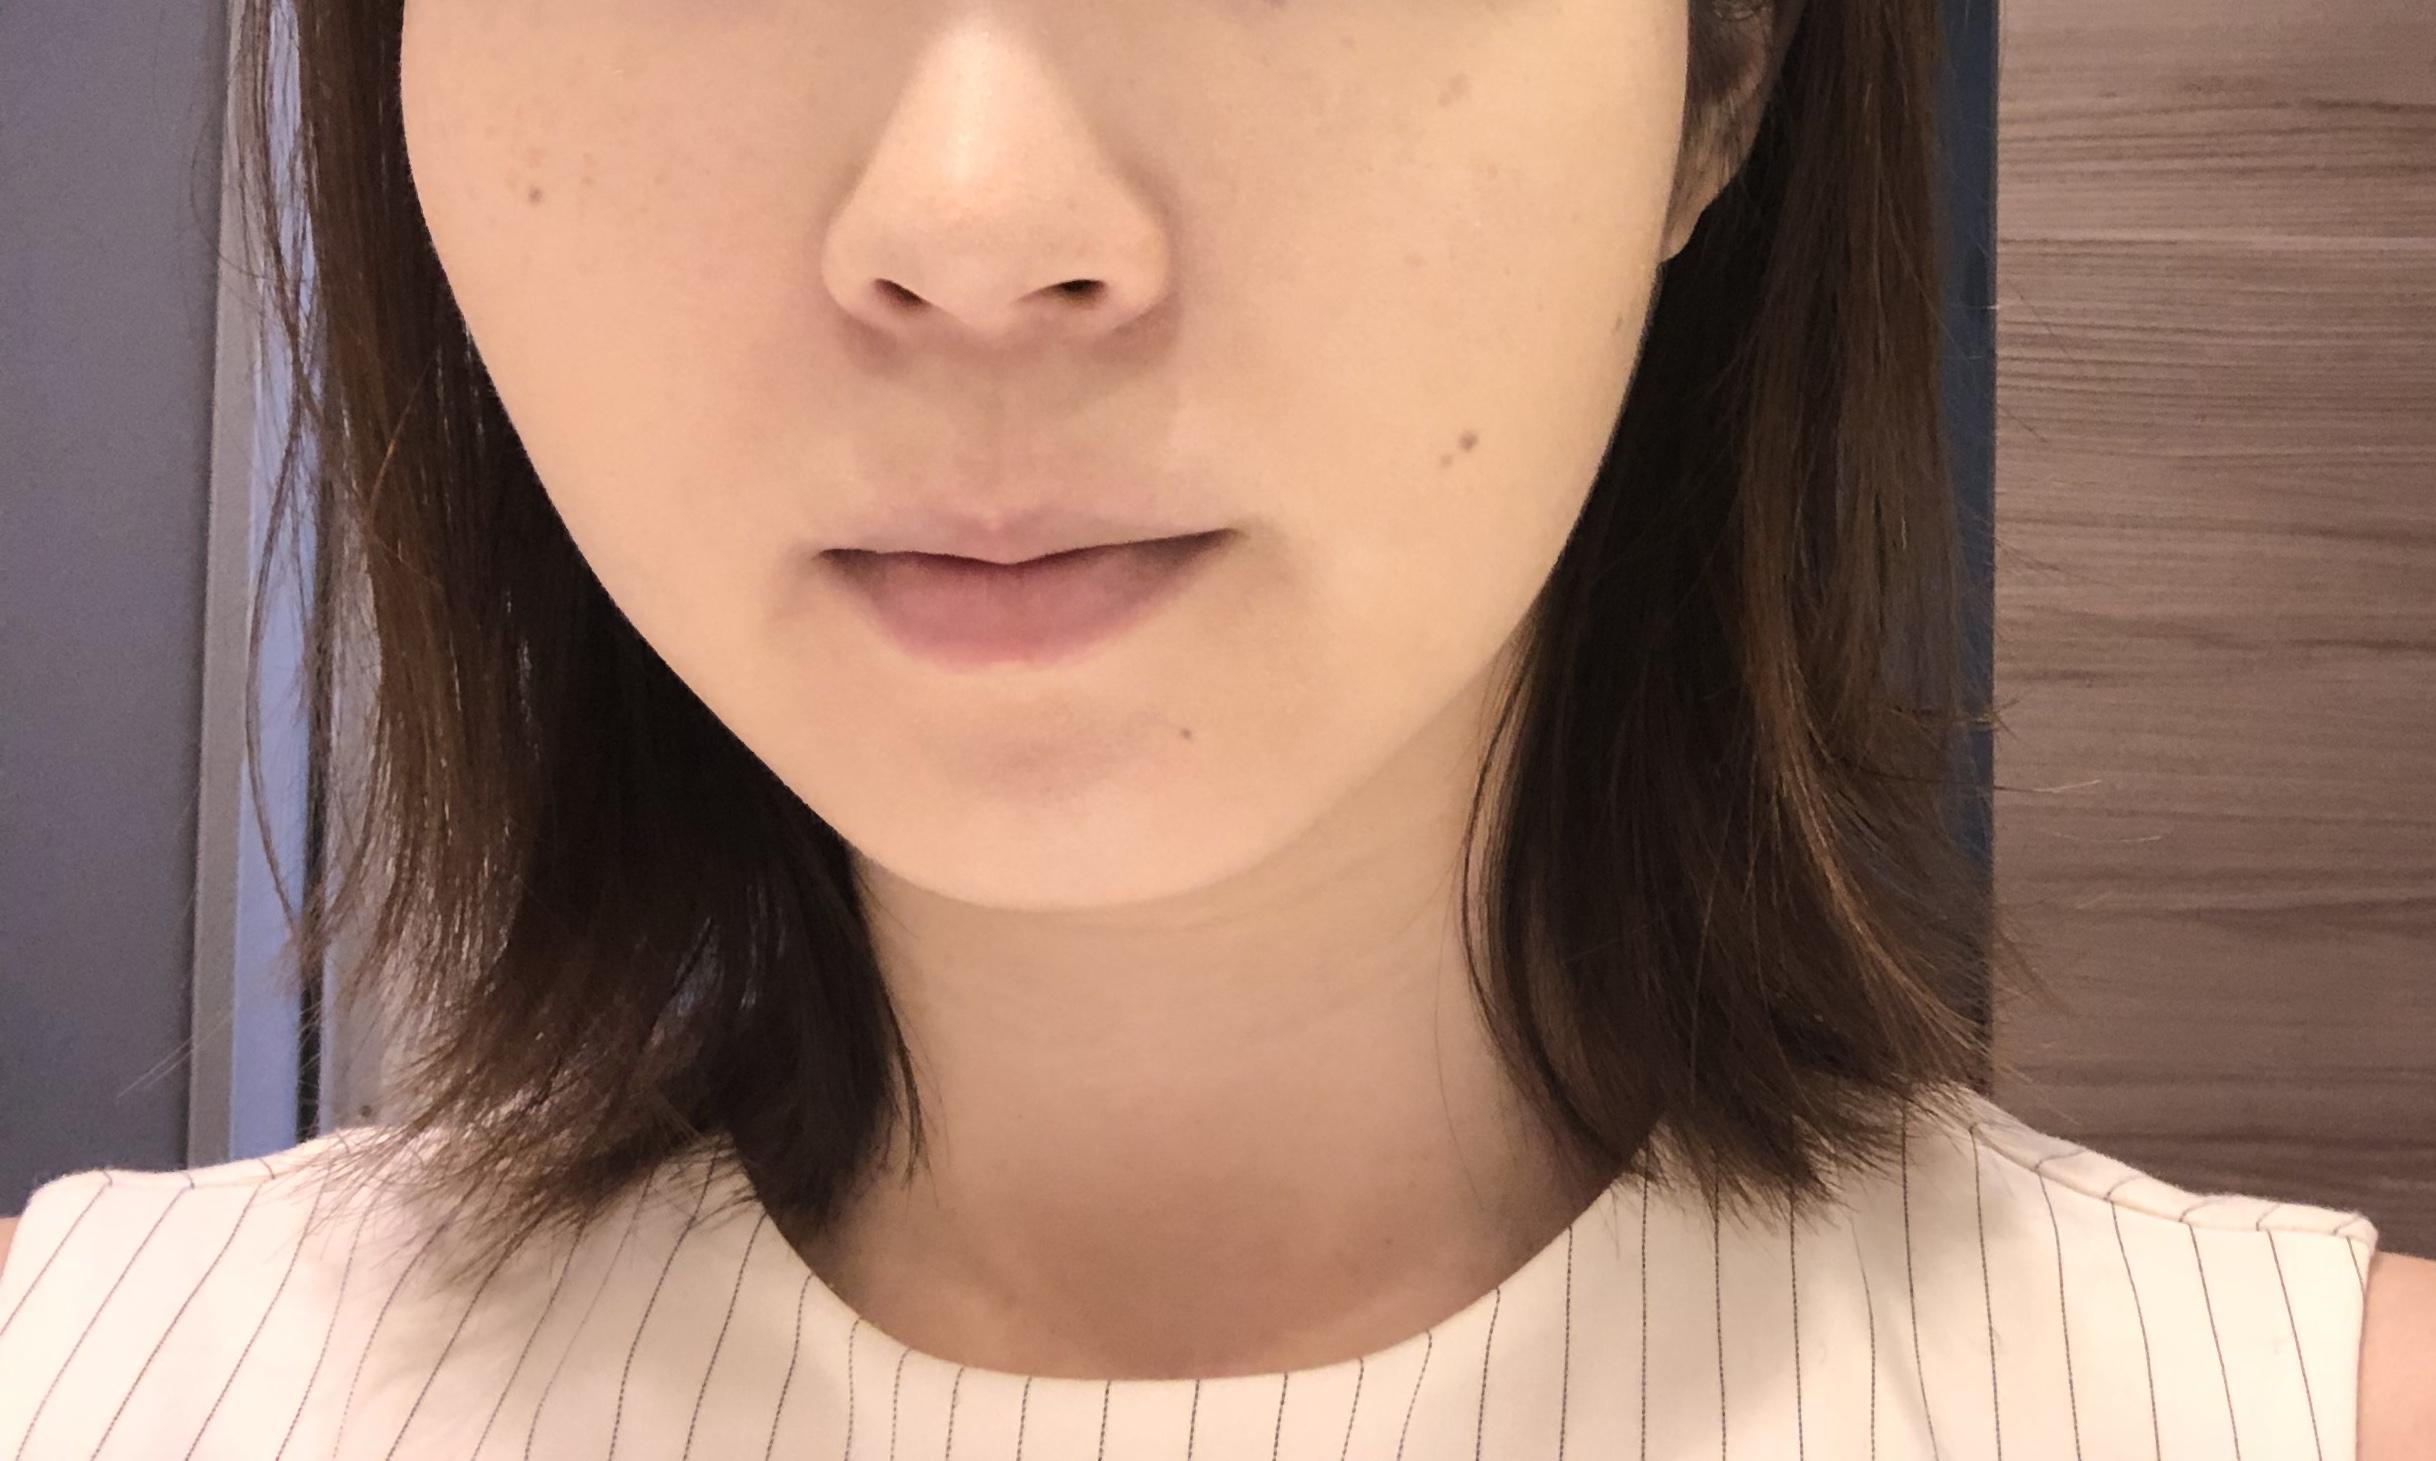 【バズりコスメ】shuuemura unlimited ナチュラルかつカバー力◎軽くて重ねても厚塗り感なし!【セミマット肌】_2